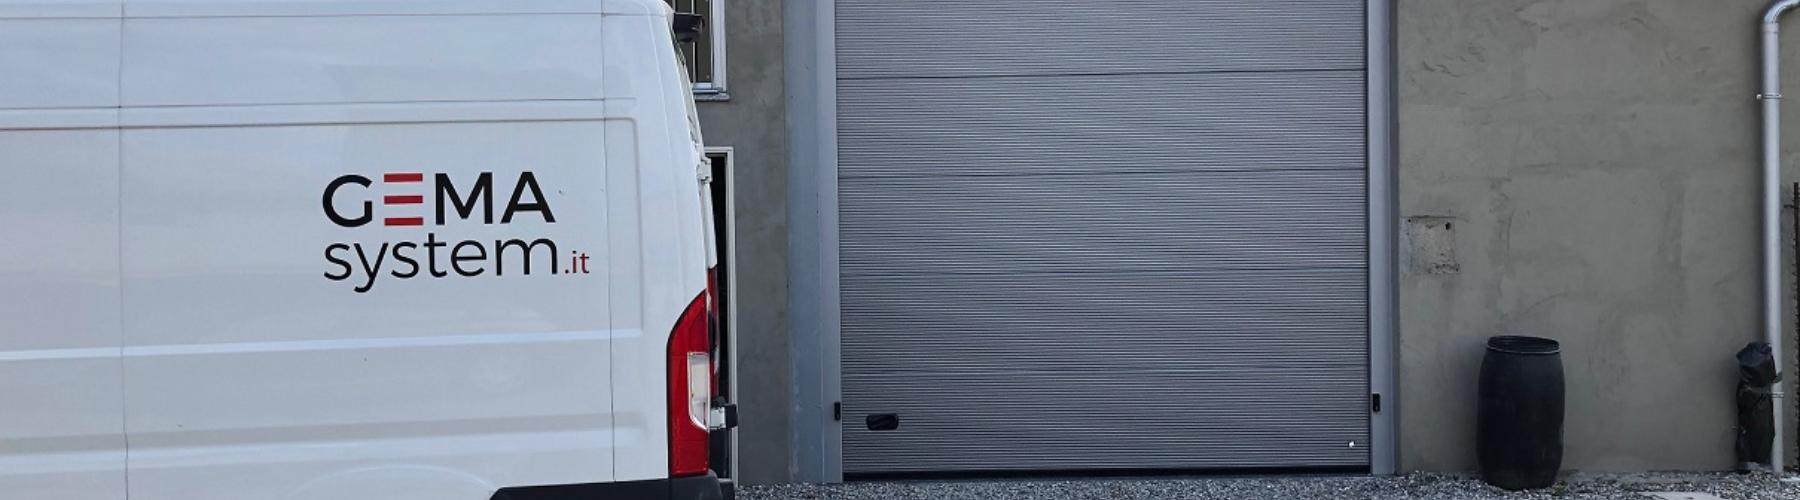 Fornitura e posa di nuova porta sezionale a Cosio Valtellino: Immagine Header